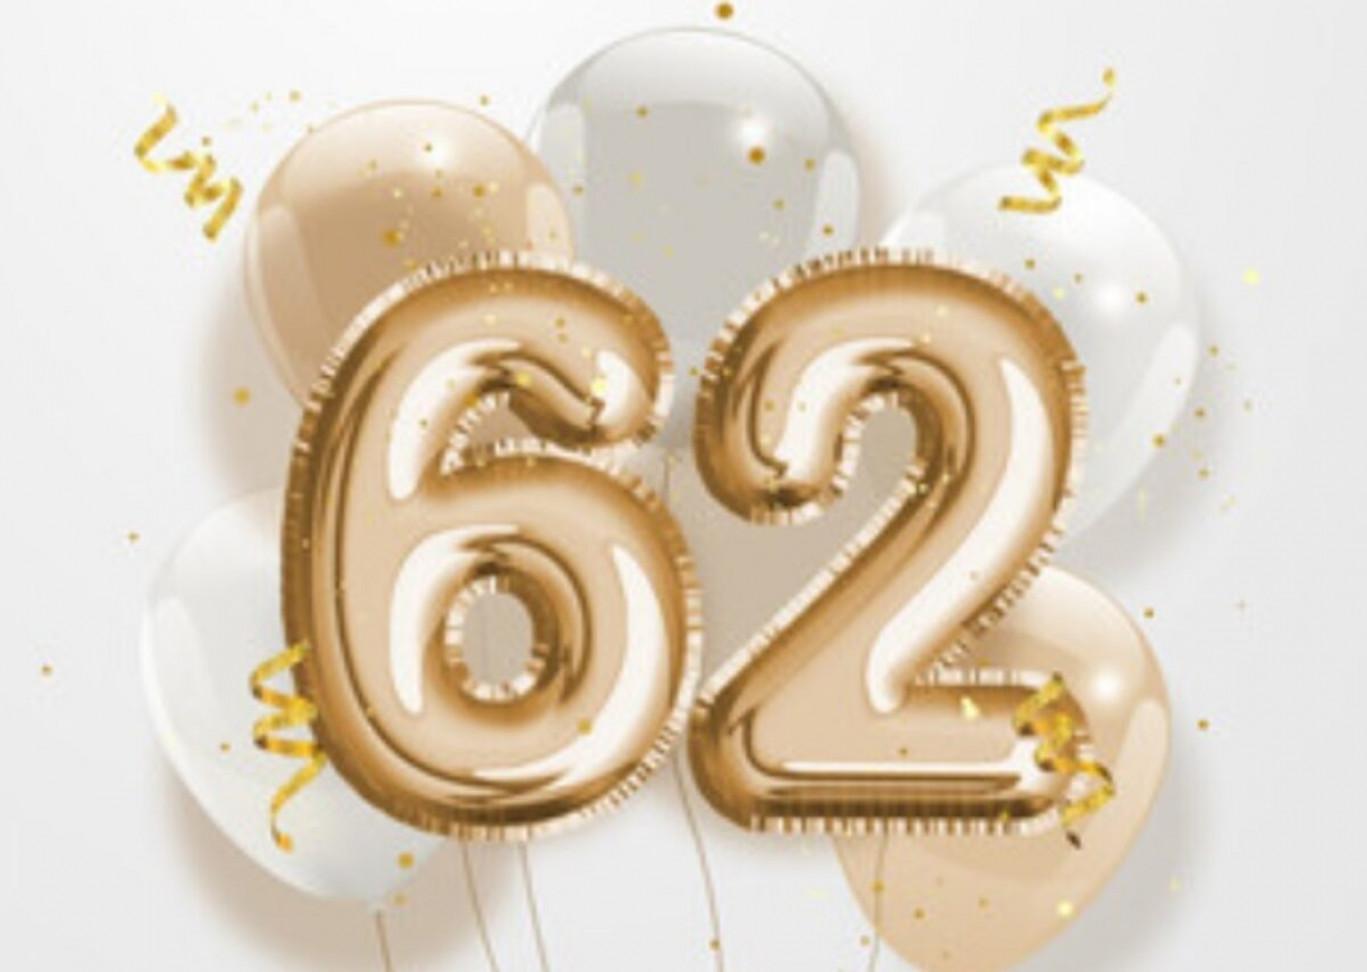 Pensione di vecchiaia anticipata a 62 anni